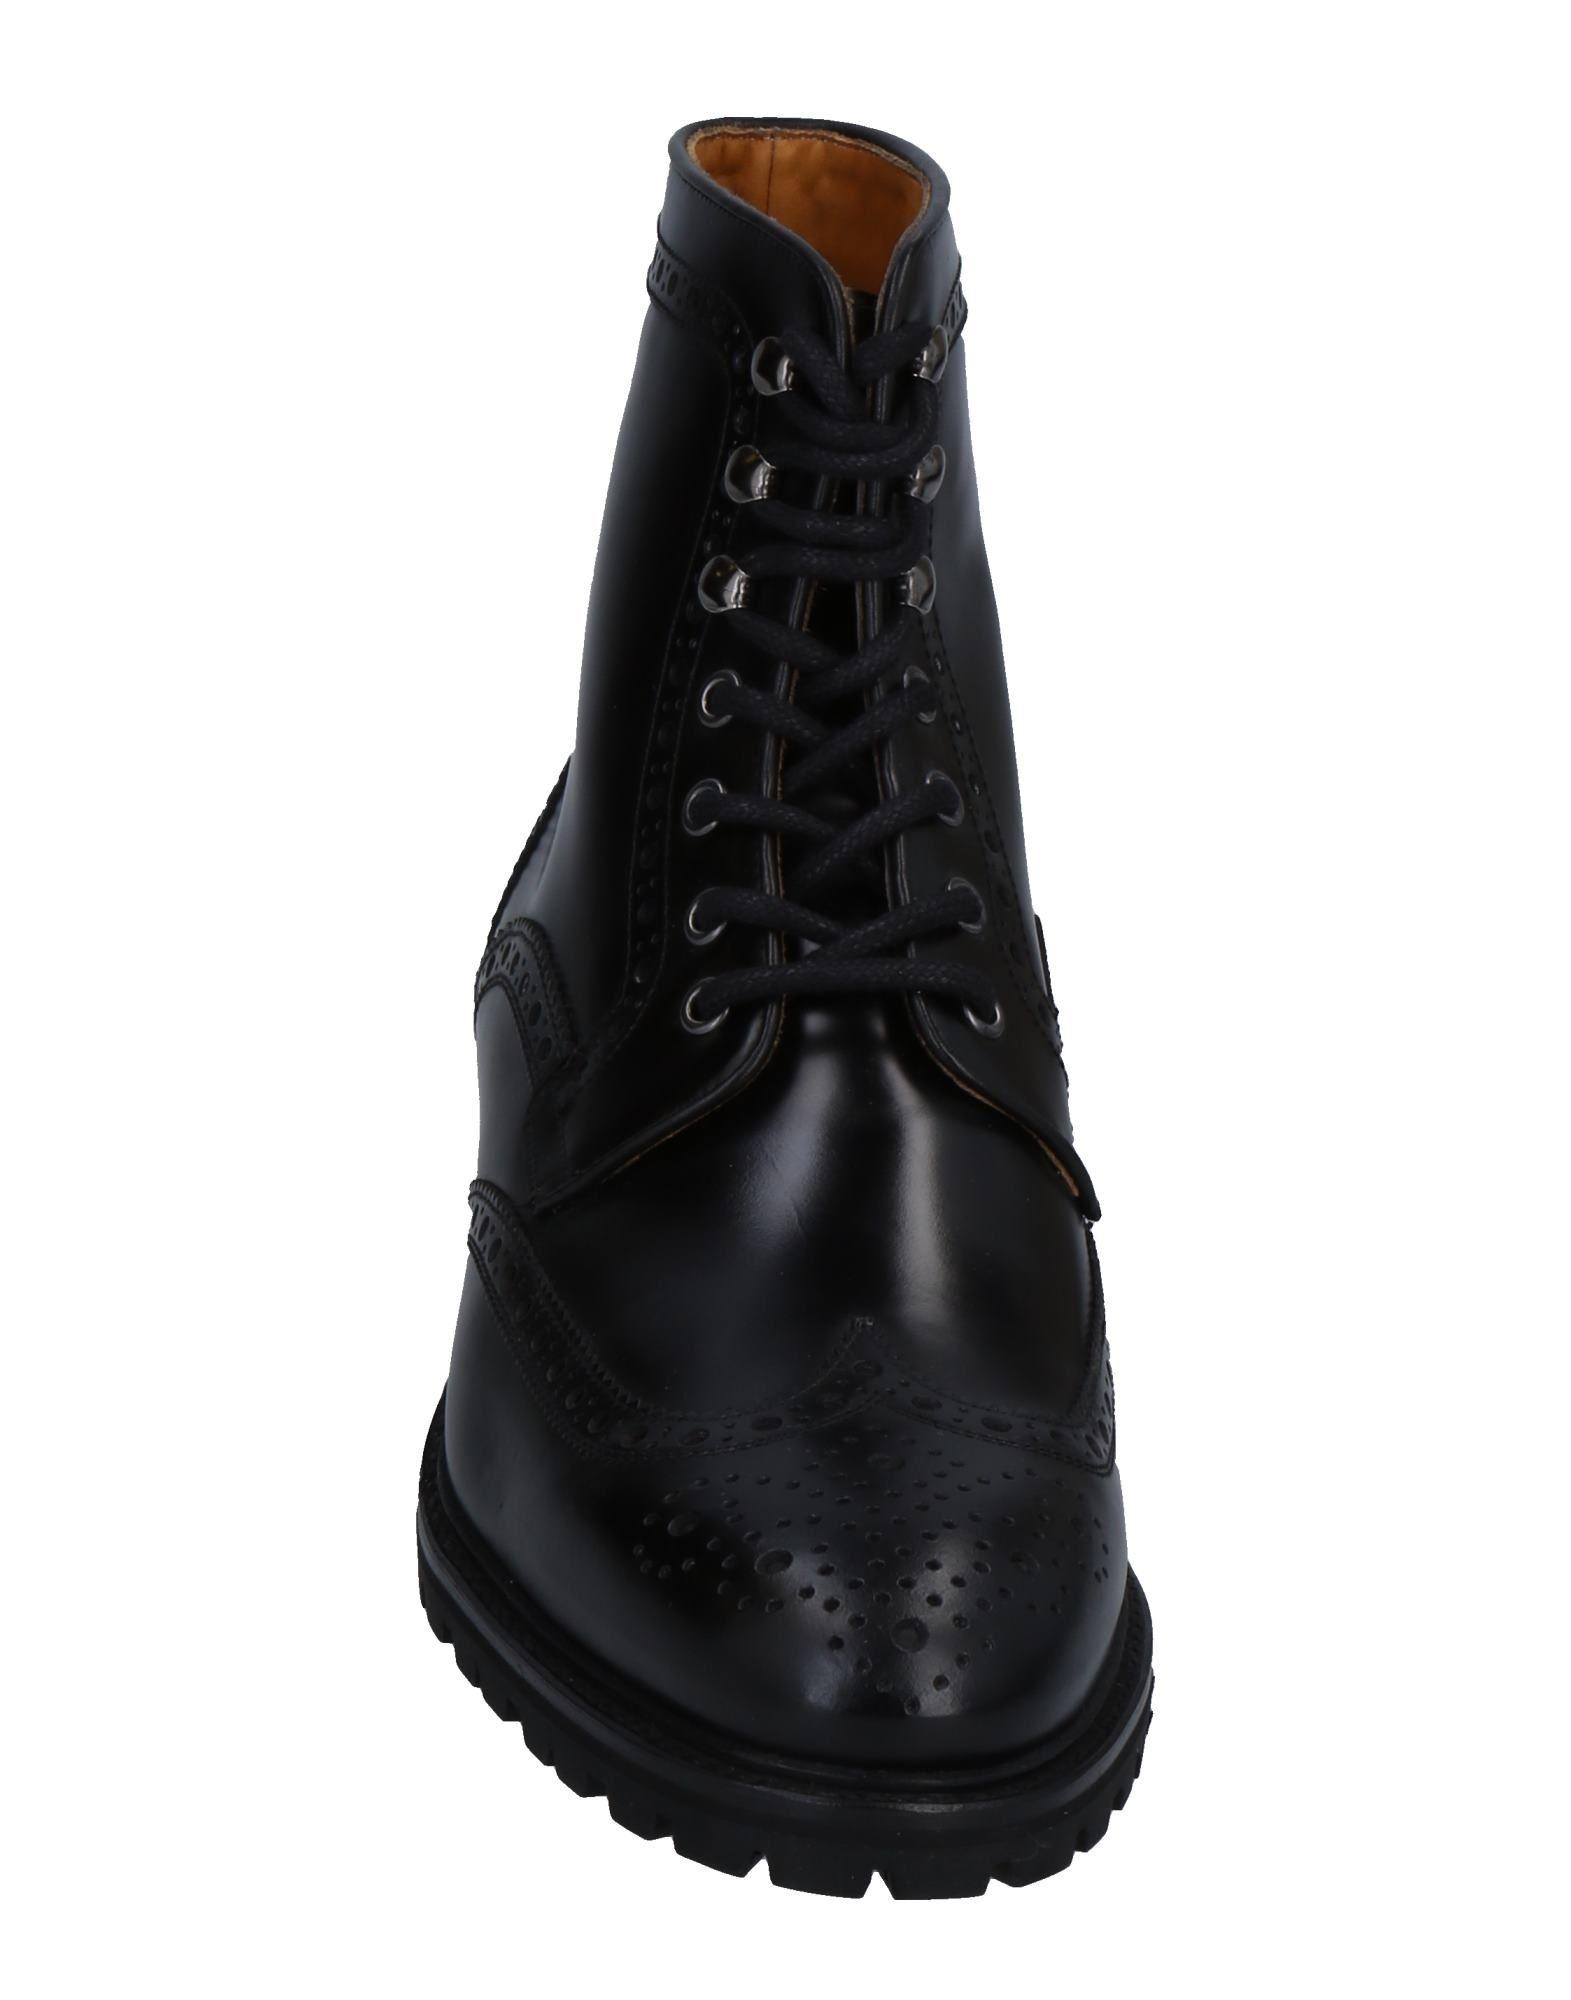 Rabatt echte Schuhe Berwick 1707 11505685HK Stiefelette Herren 11505685HK 1707 e3f1e8